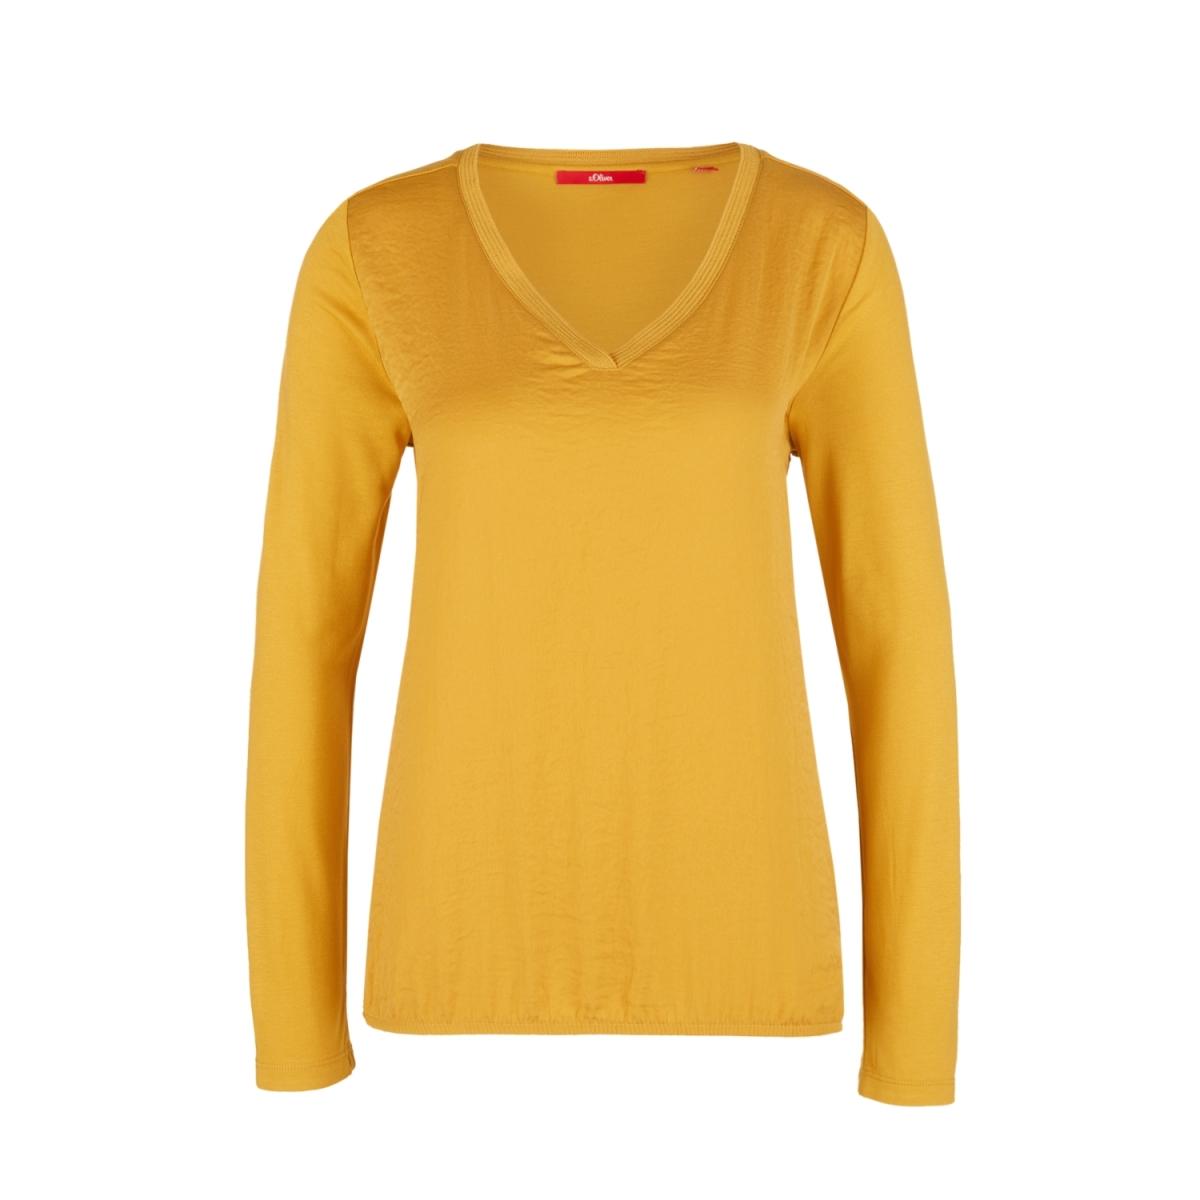 t shirt met v hals 04899315349 s.oliver t-shirt 1543